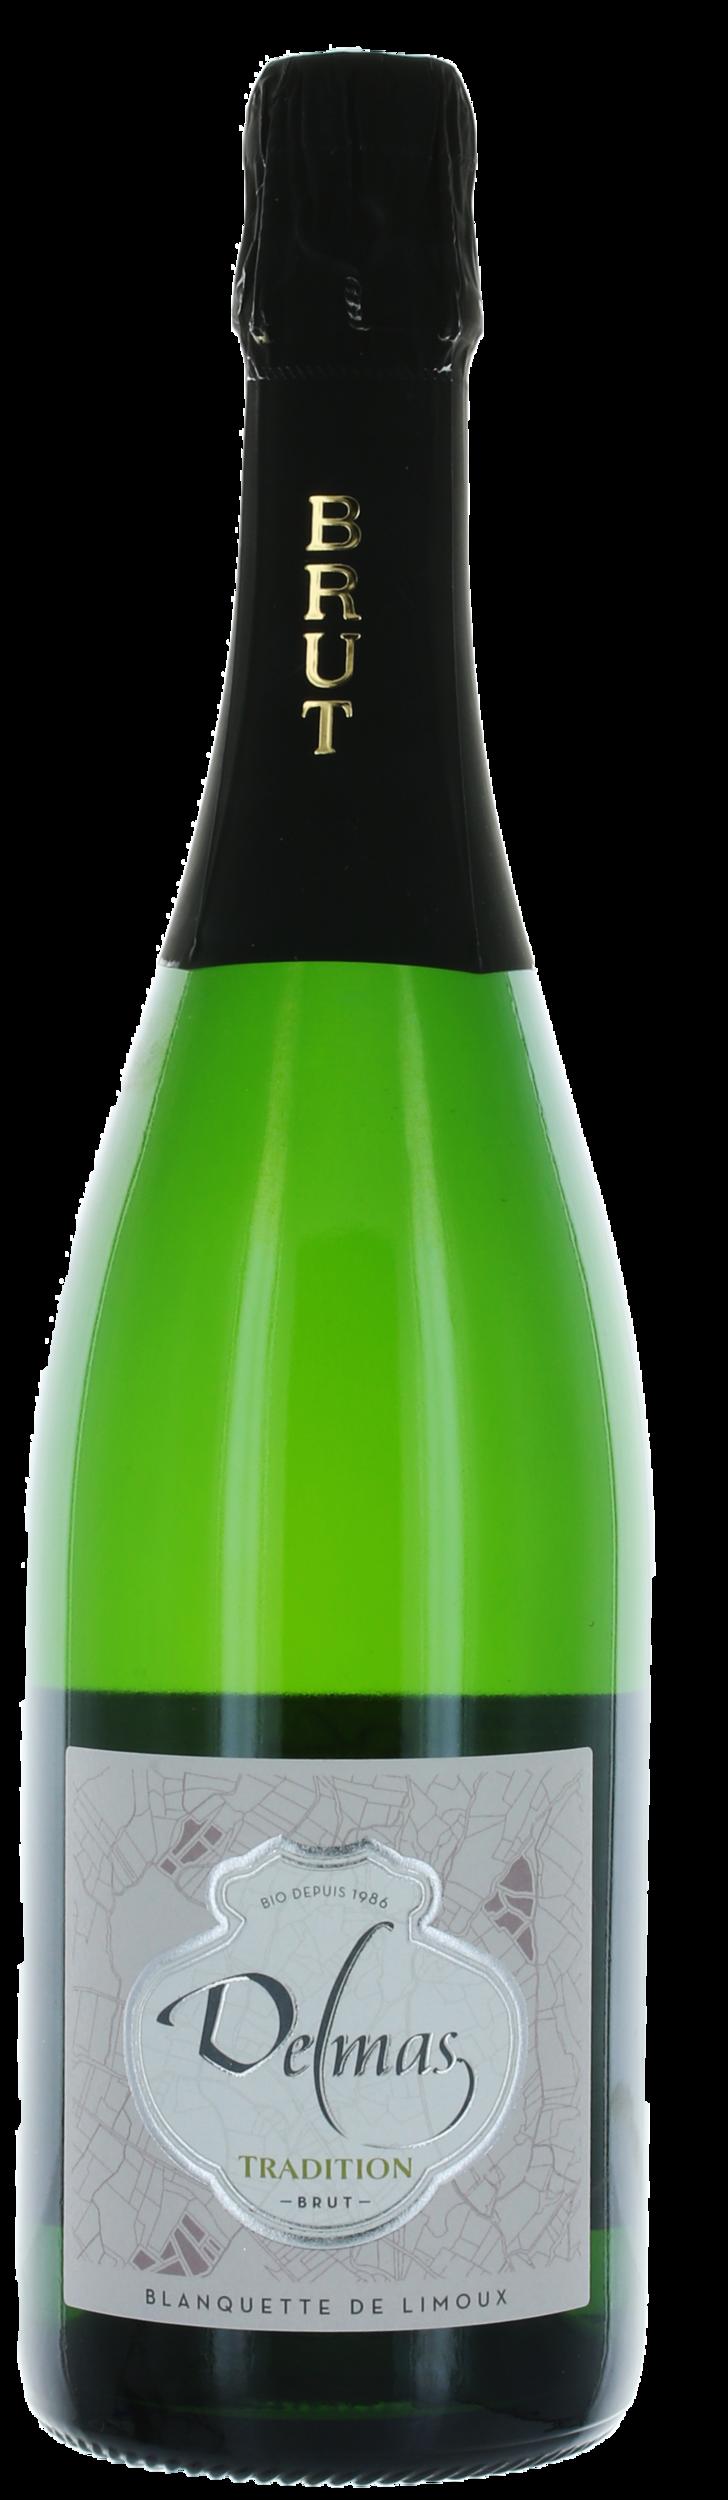 Blanquette de Limoux - Cuvée Tradition - Domaine Delmas - BIO